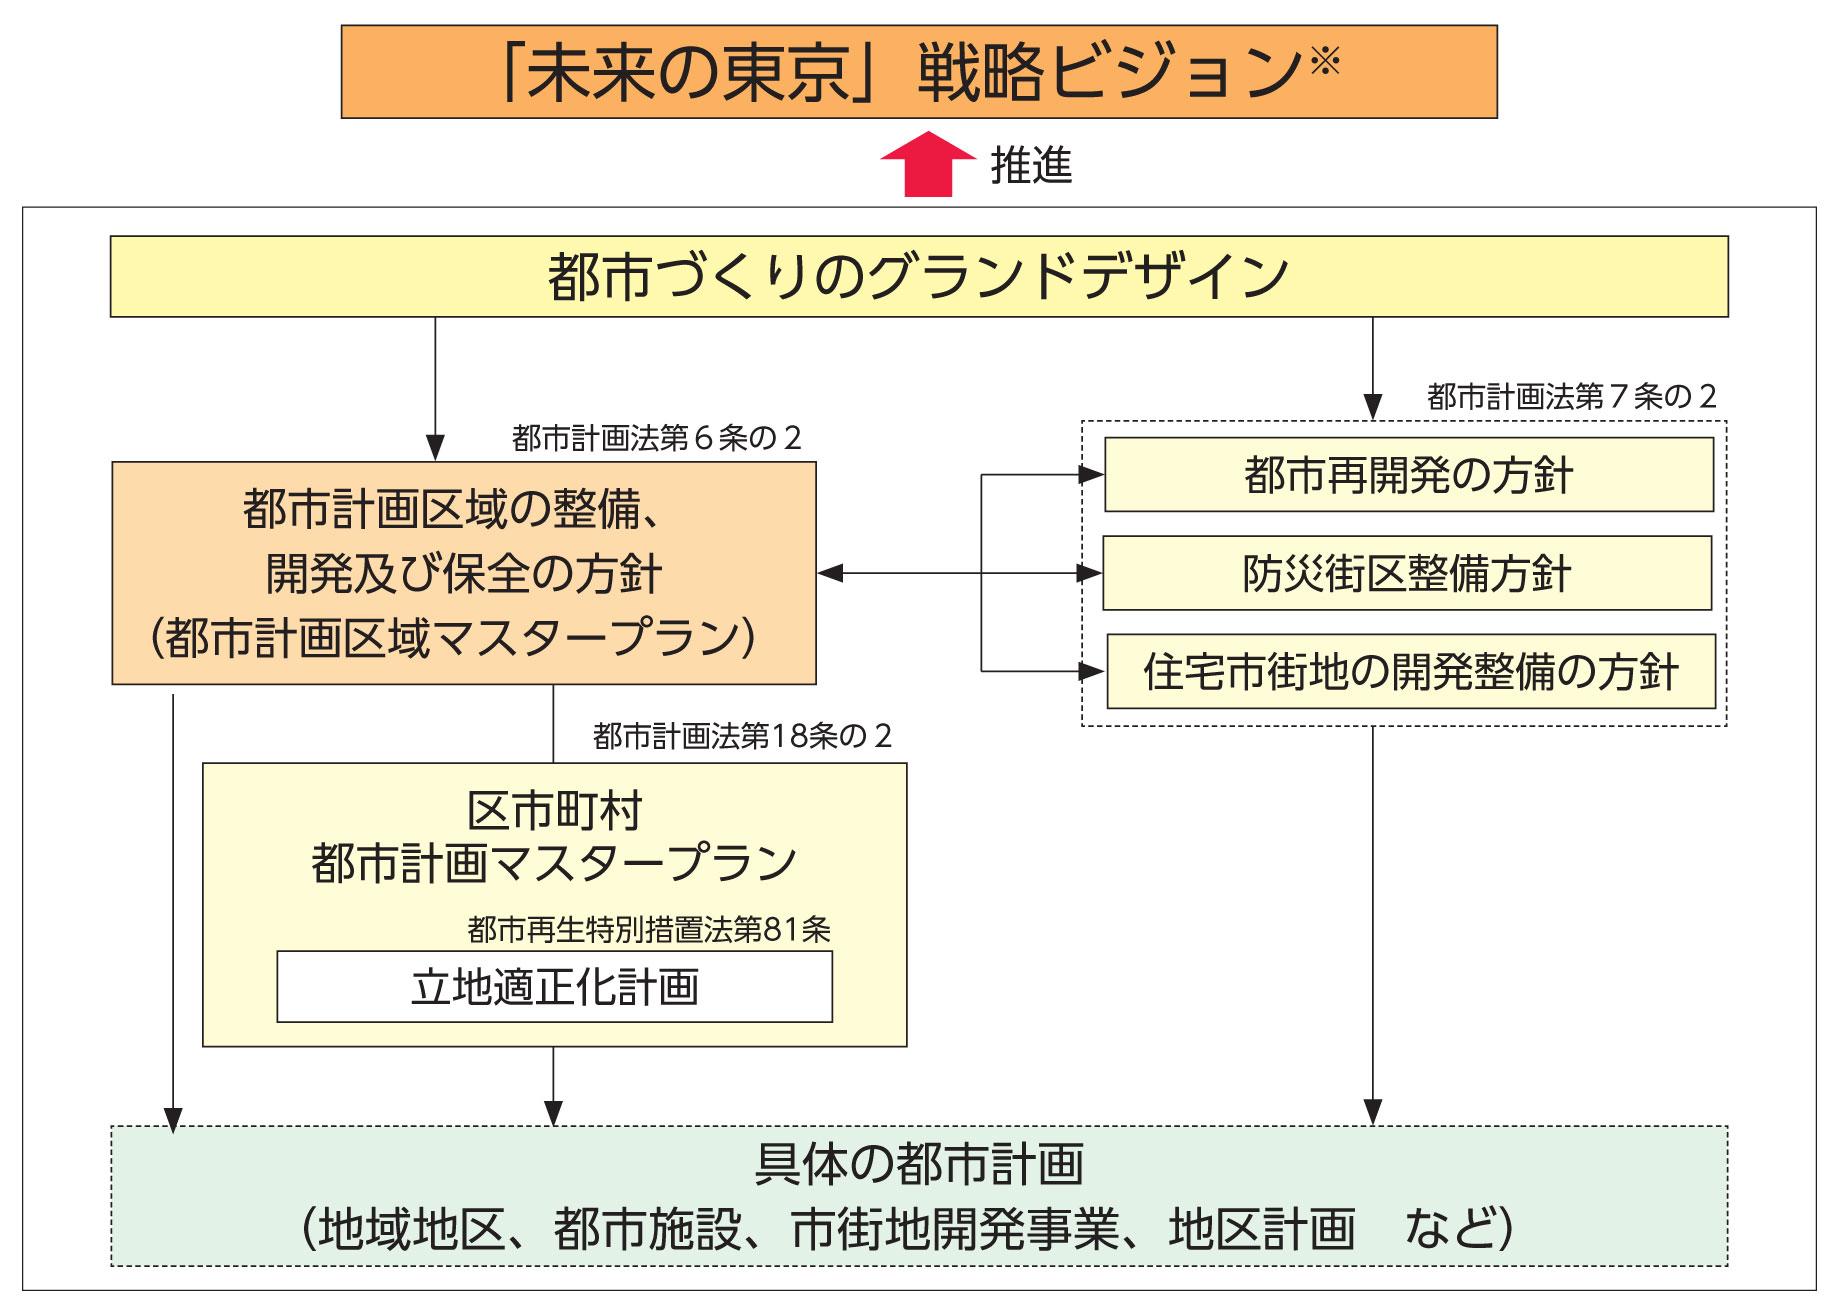 未来 の 東京 戦略 ビジョン